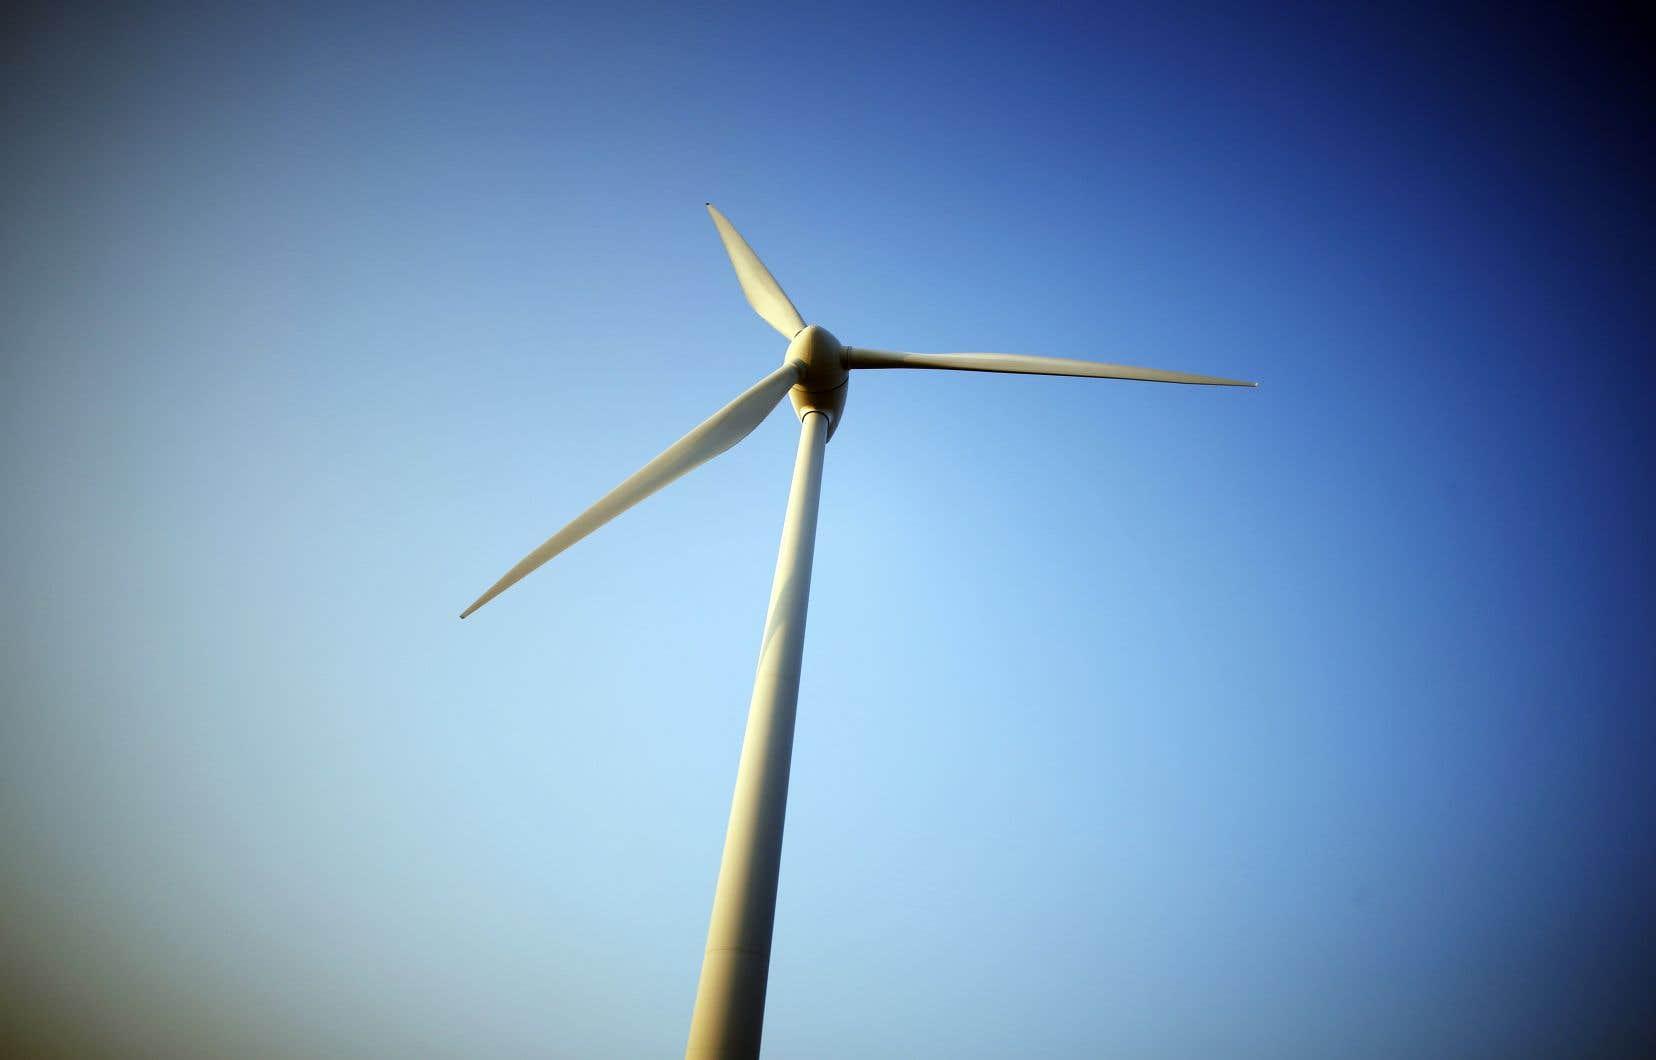 Surtout situé à Port-Cartier sur la Côte-Nord, le projet Apuiat, qui compte aussi l'entreprise RES comme société participante, repose sur un parc de 47 à 57 éoliennes capables de générer 200MW.